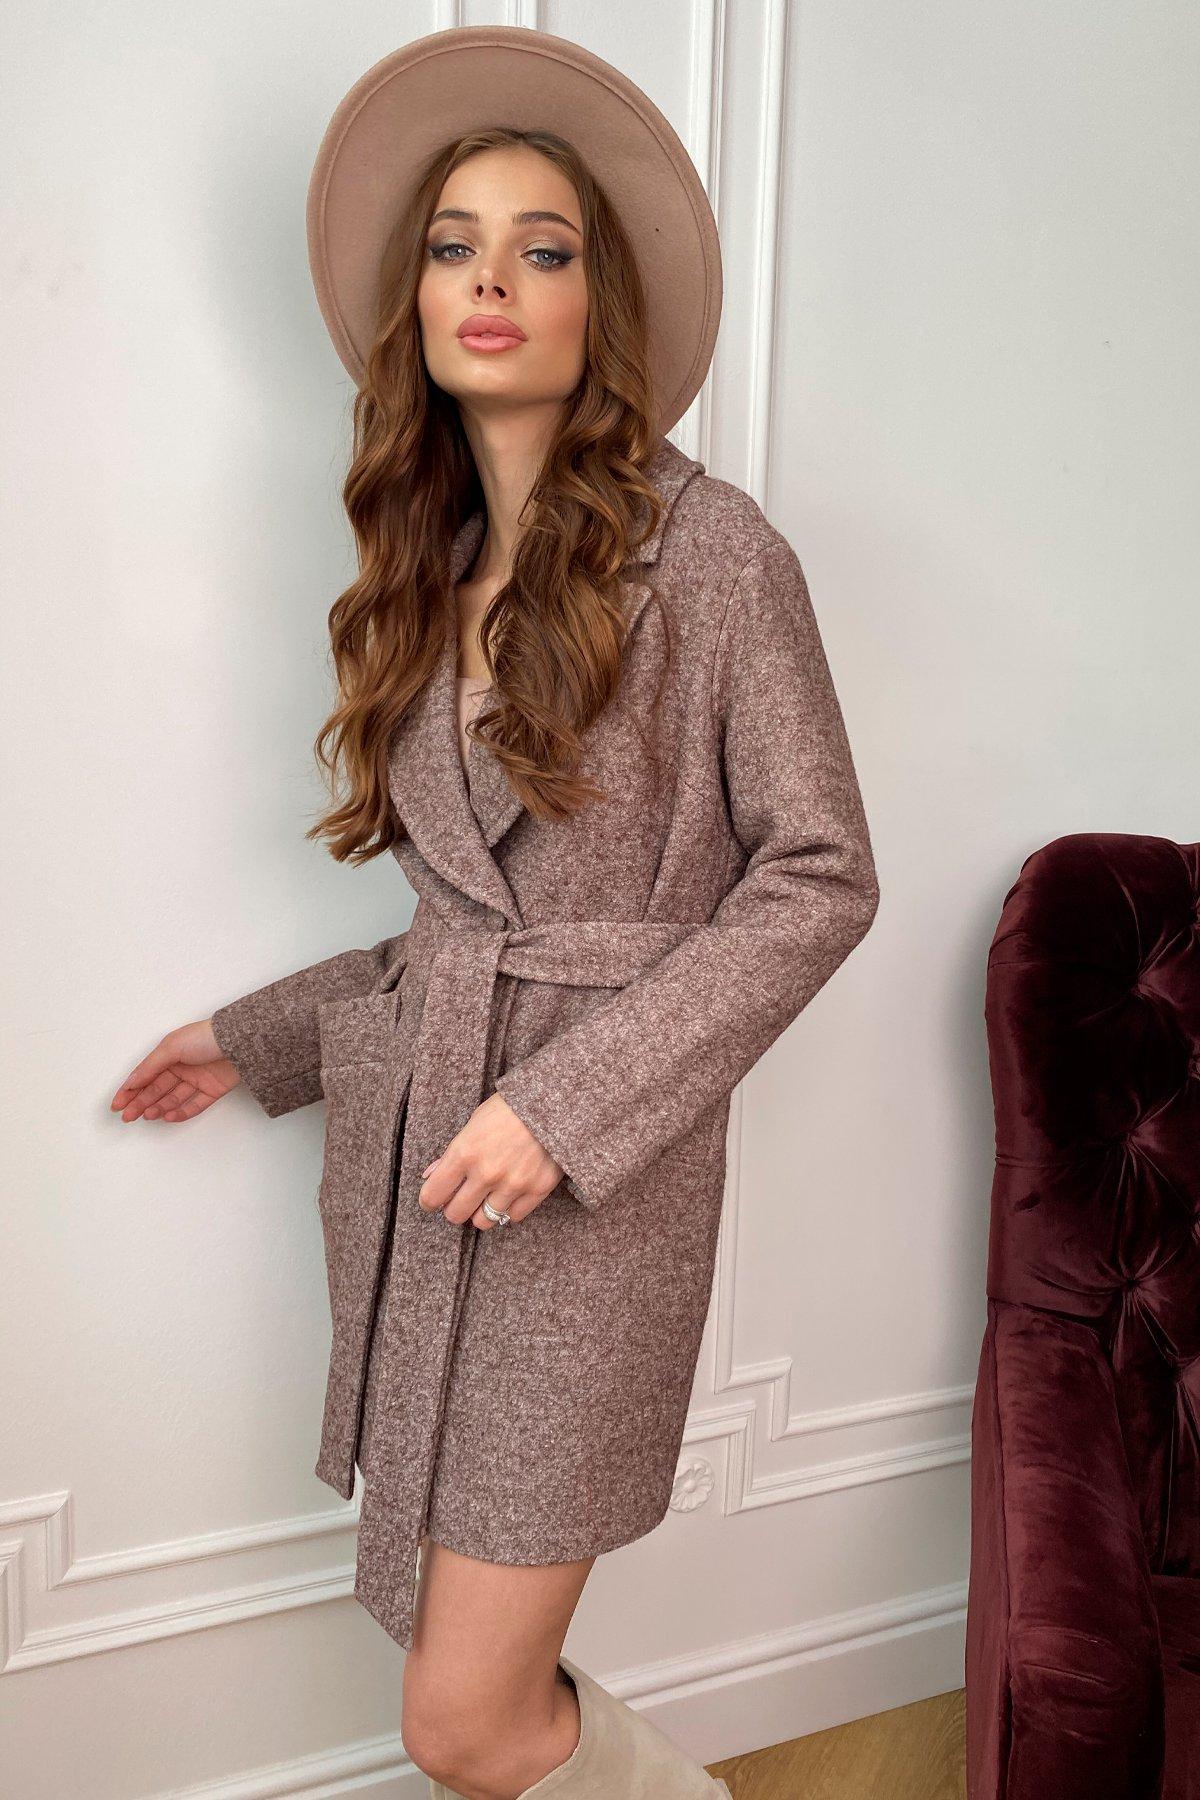 Вейсона шерсть варенка пальто 9825 АРТ. 46106 Цвет: Кофе - фото 5, интернет магазин tm-modus.ru